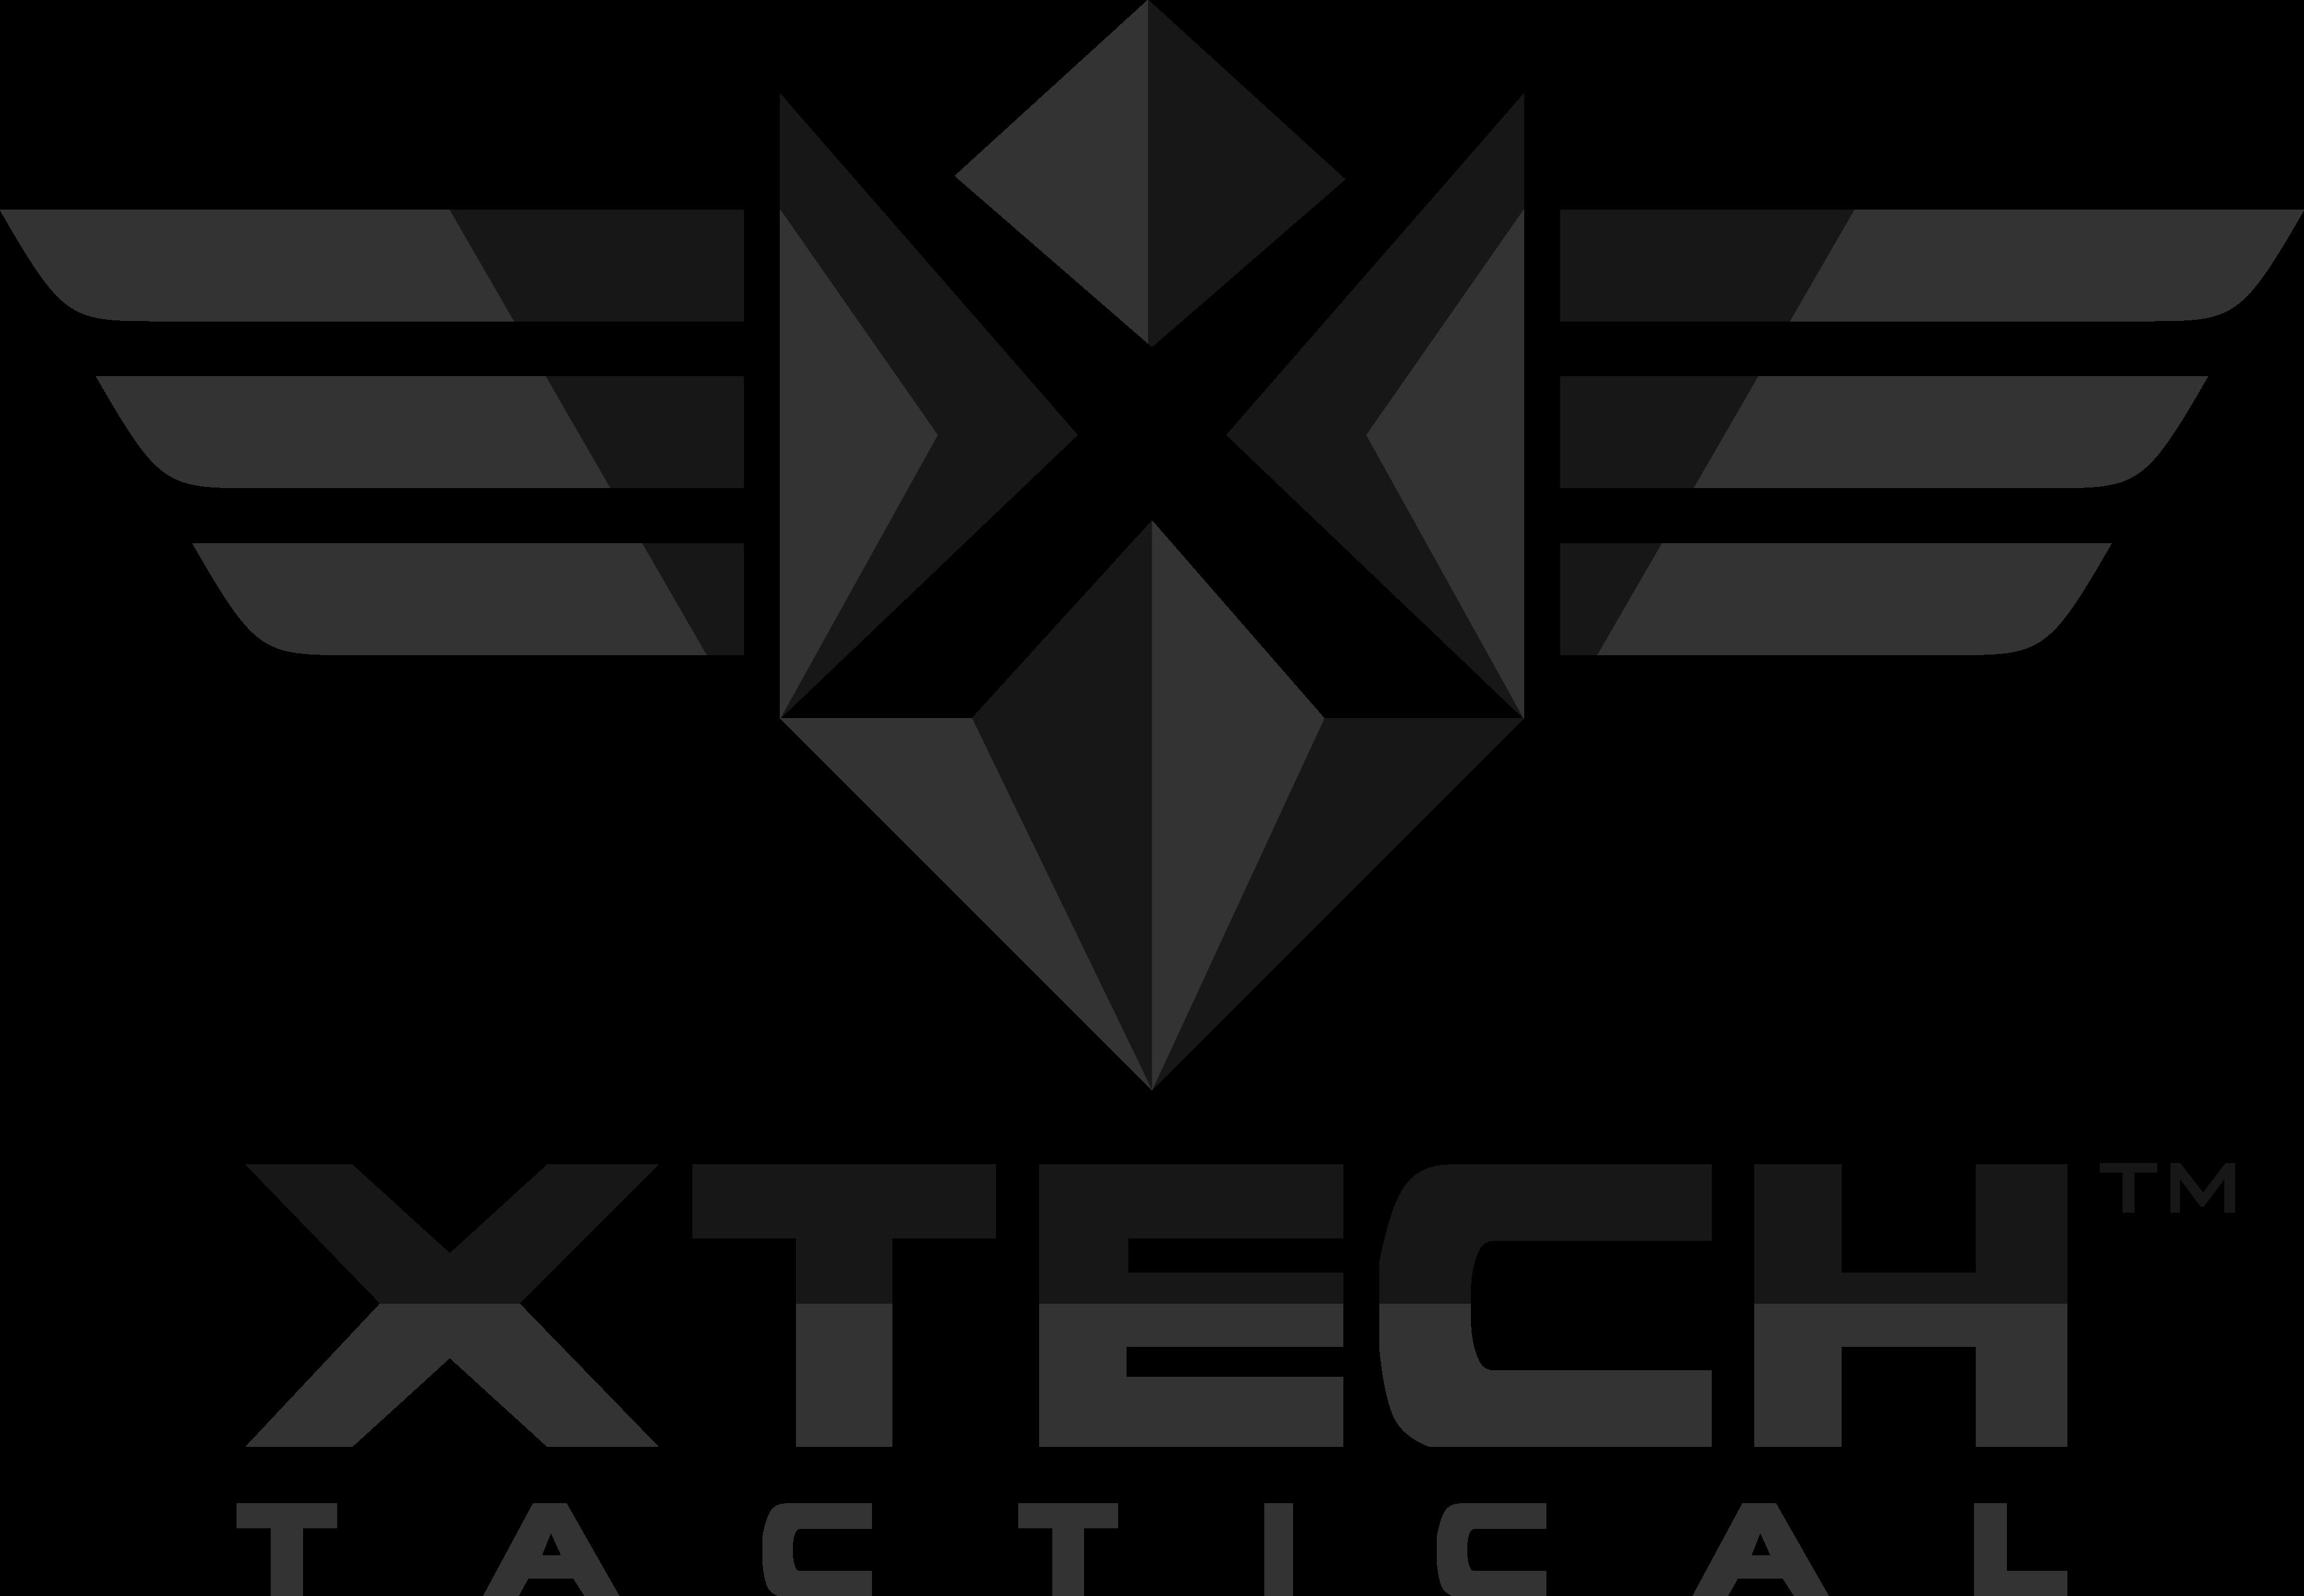 XTech Logo TM Black